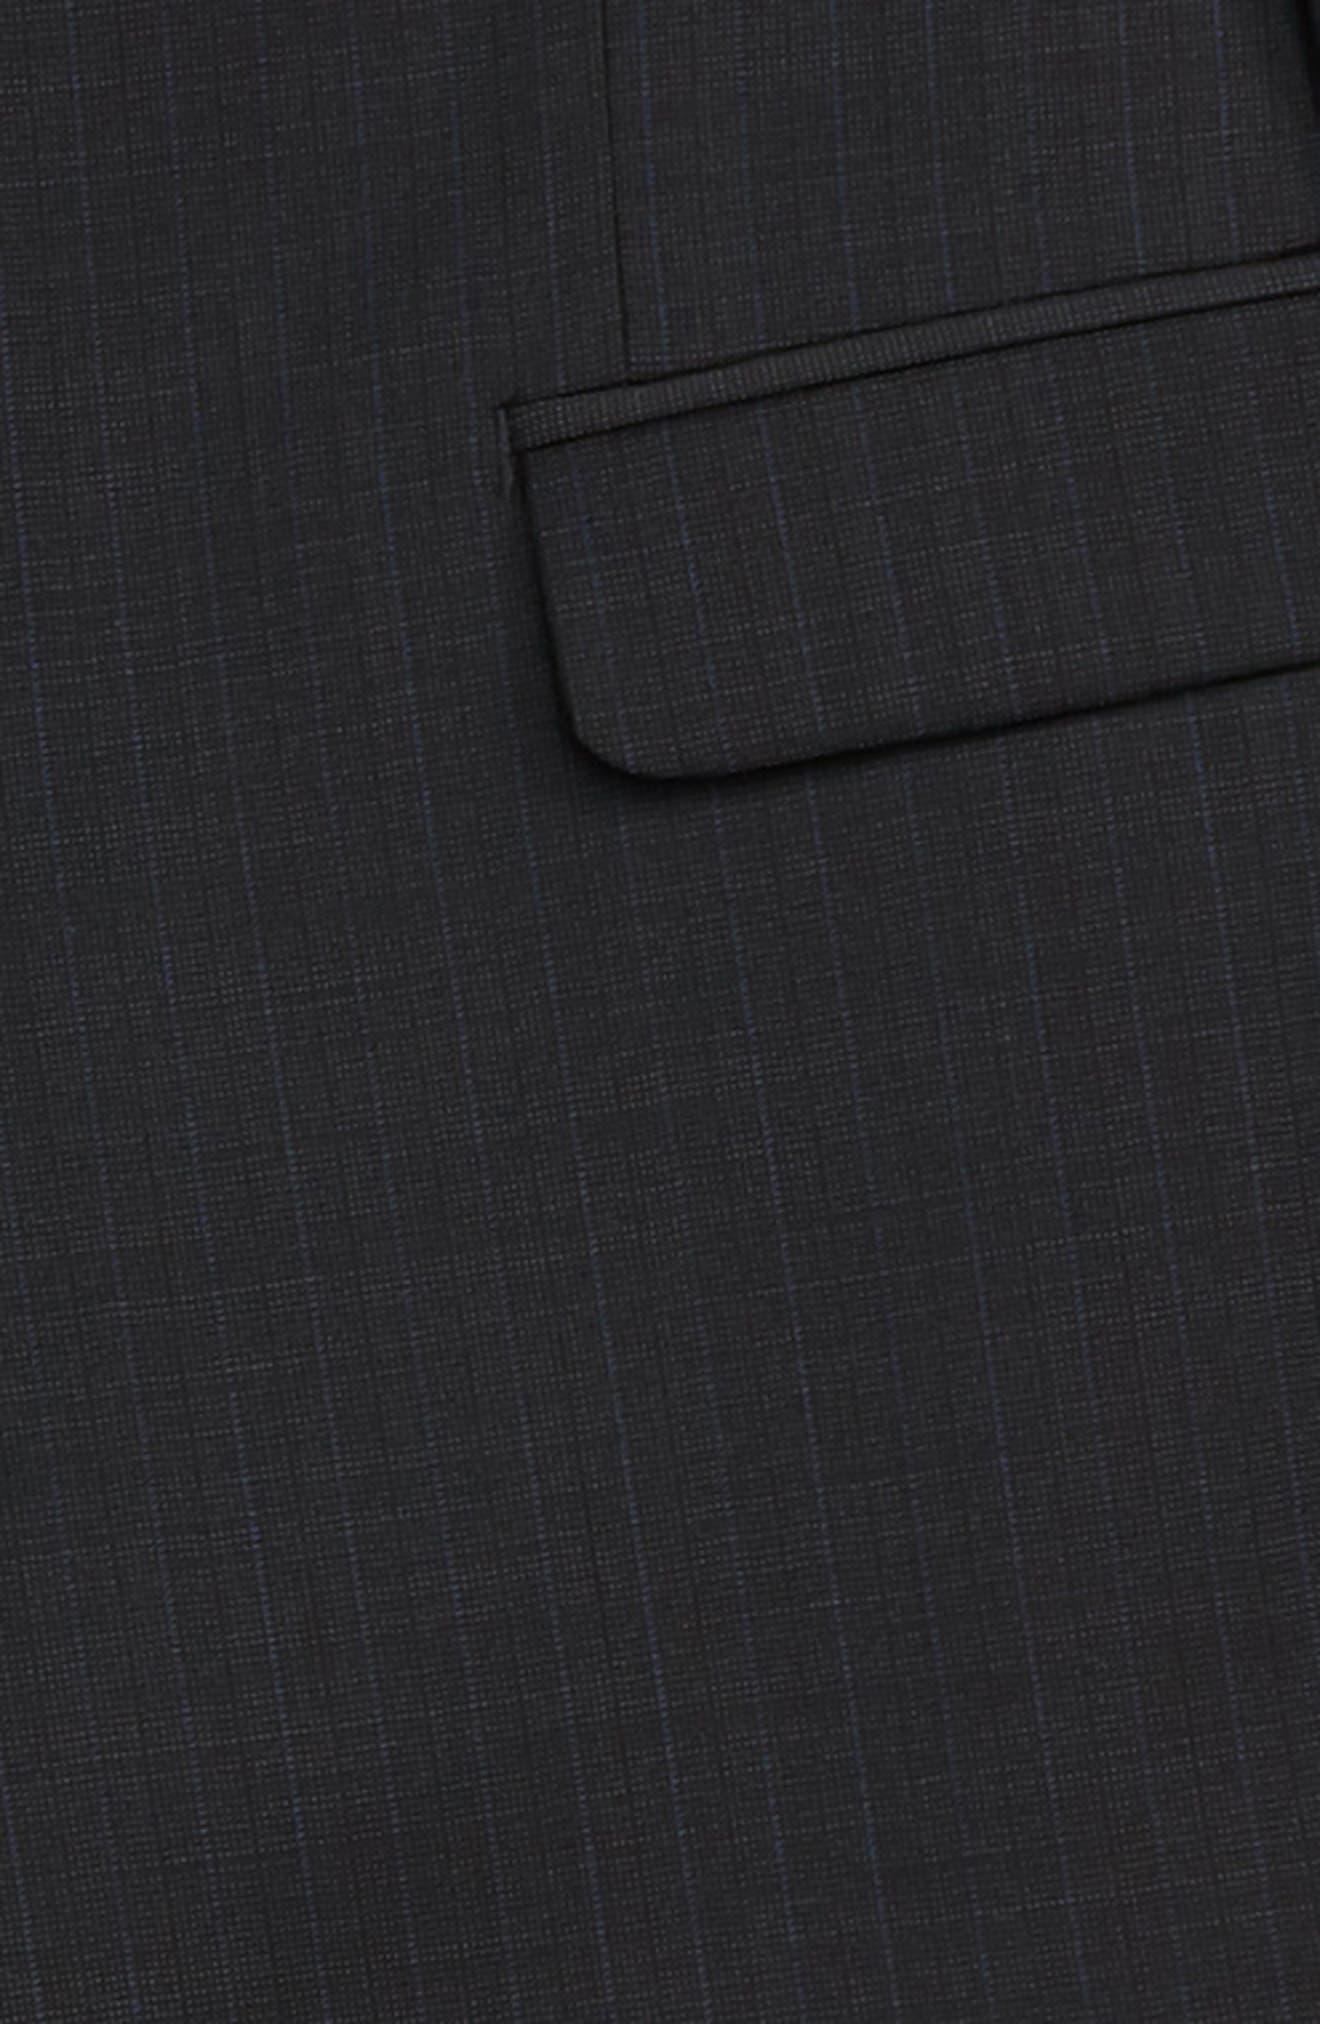 Check Wool Suit,                             Alternate thumbnail 2, color,                             BLACK / BLUE